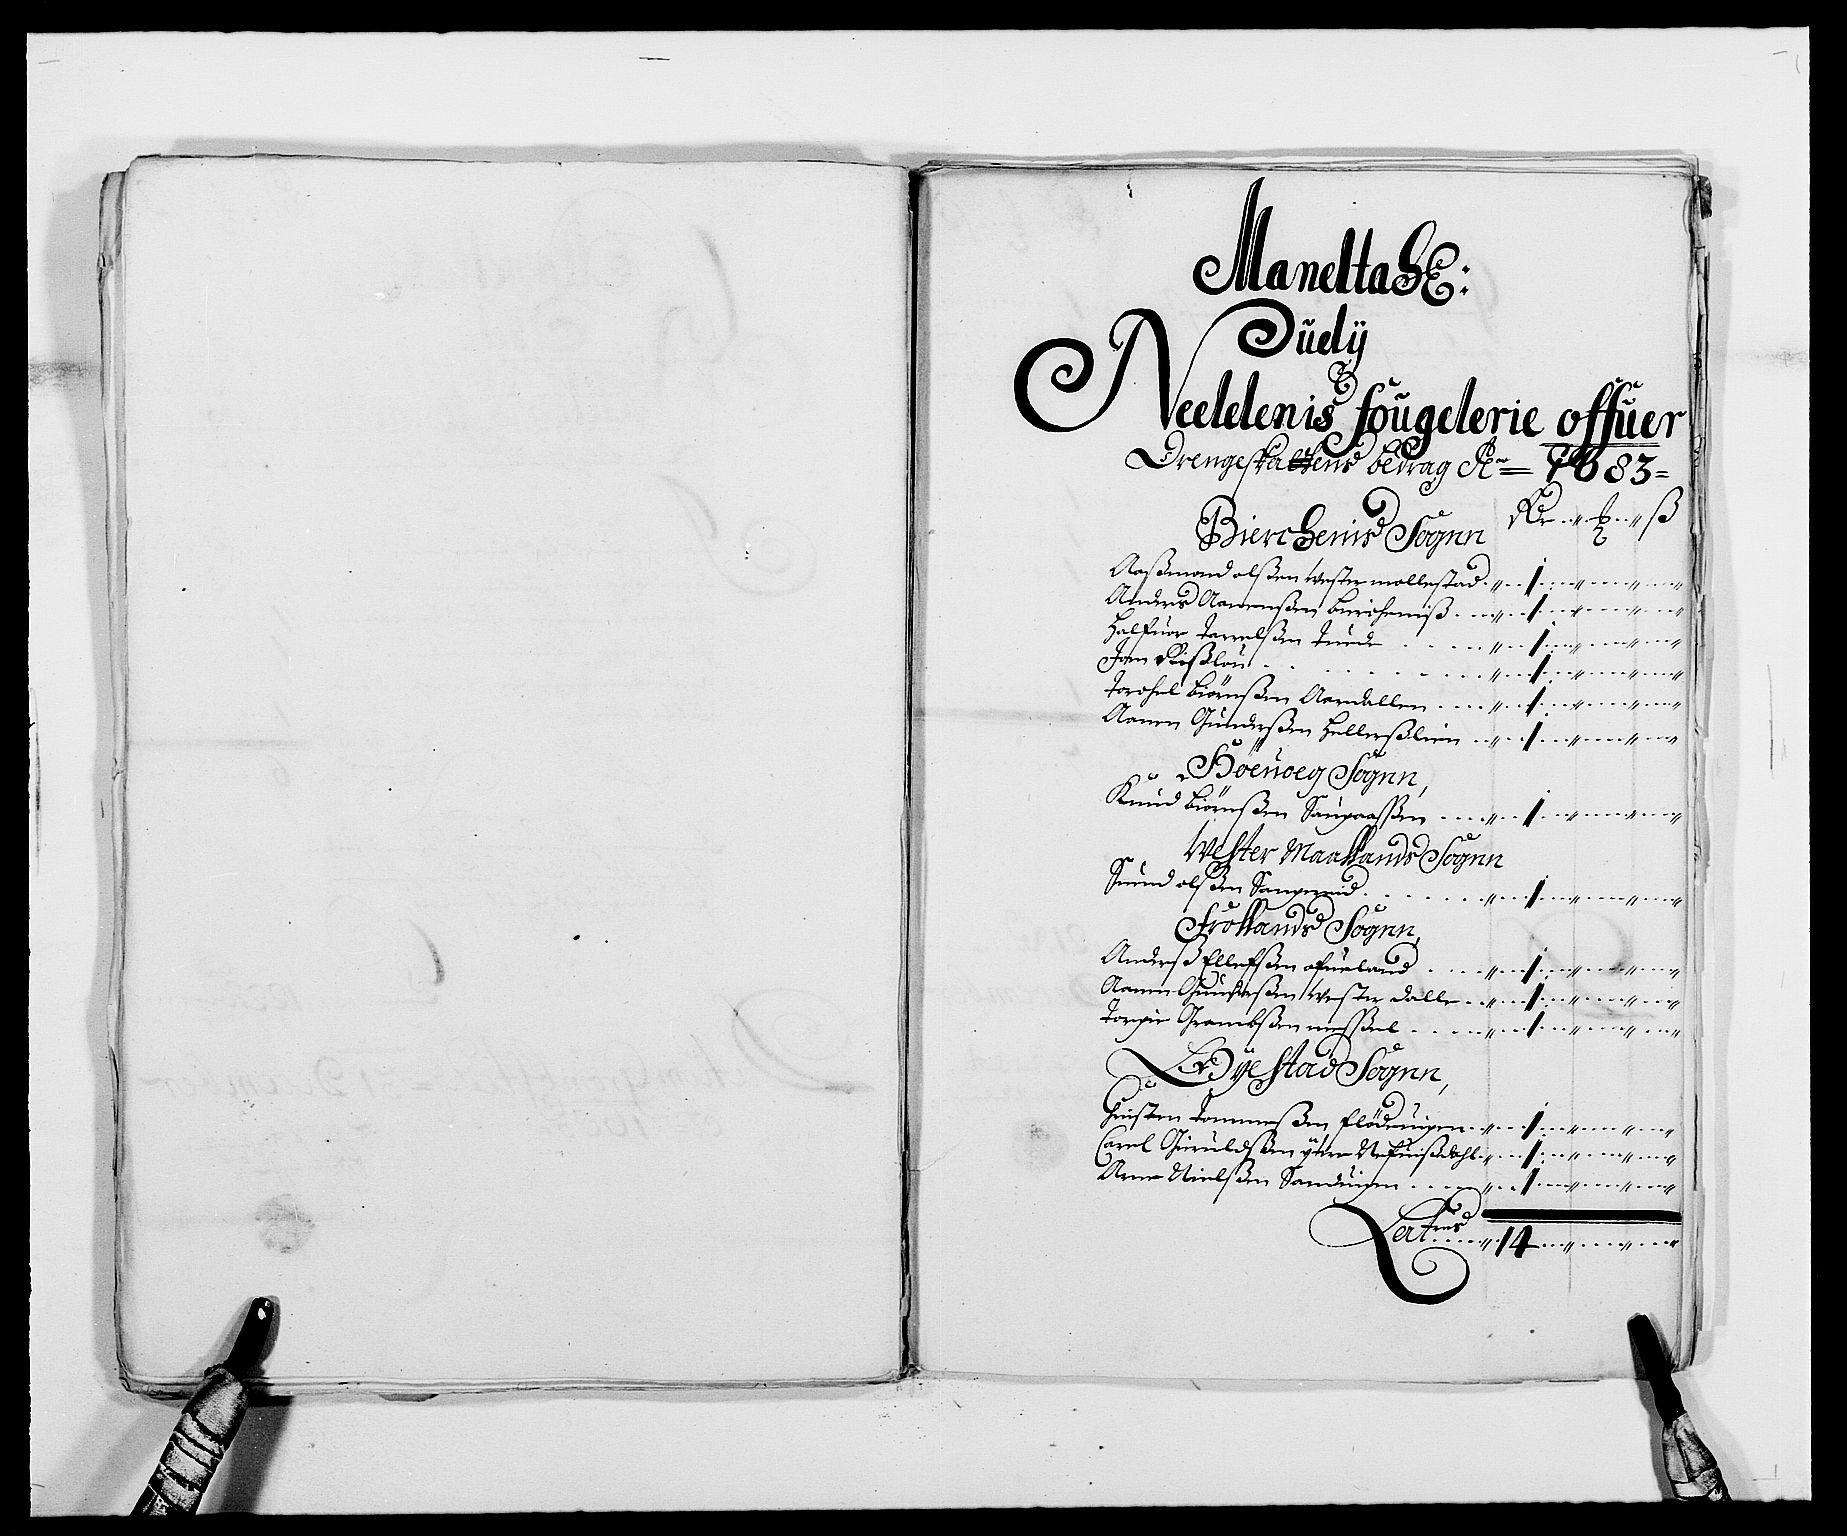 RA, Rentekammeret inntil 1814, Reviderte regnskaper, Fogderegnskap, R39/L2305: Fogderegnskap Nedenes, 1683, s. 129